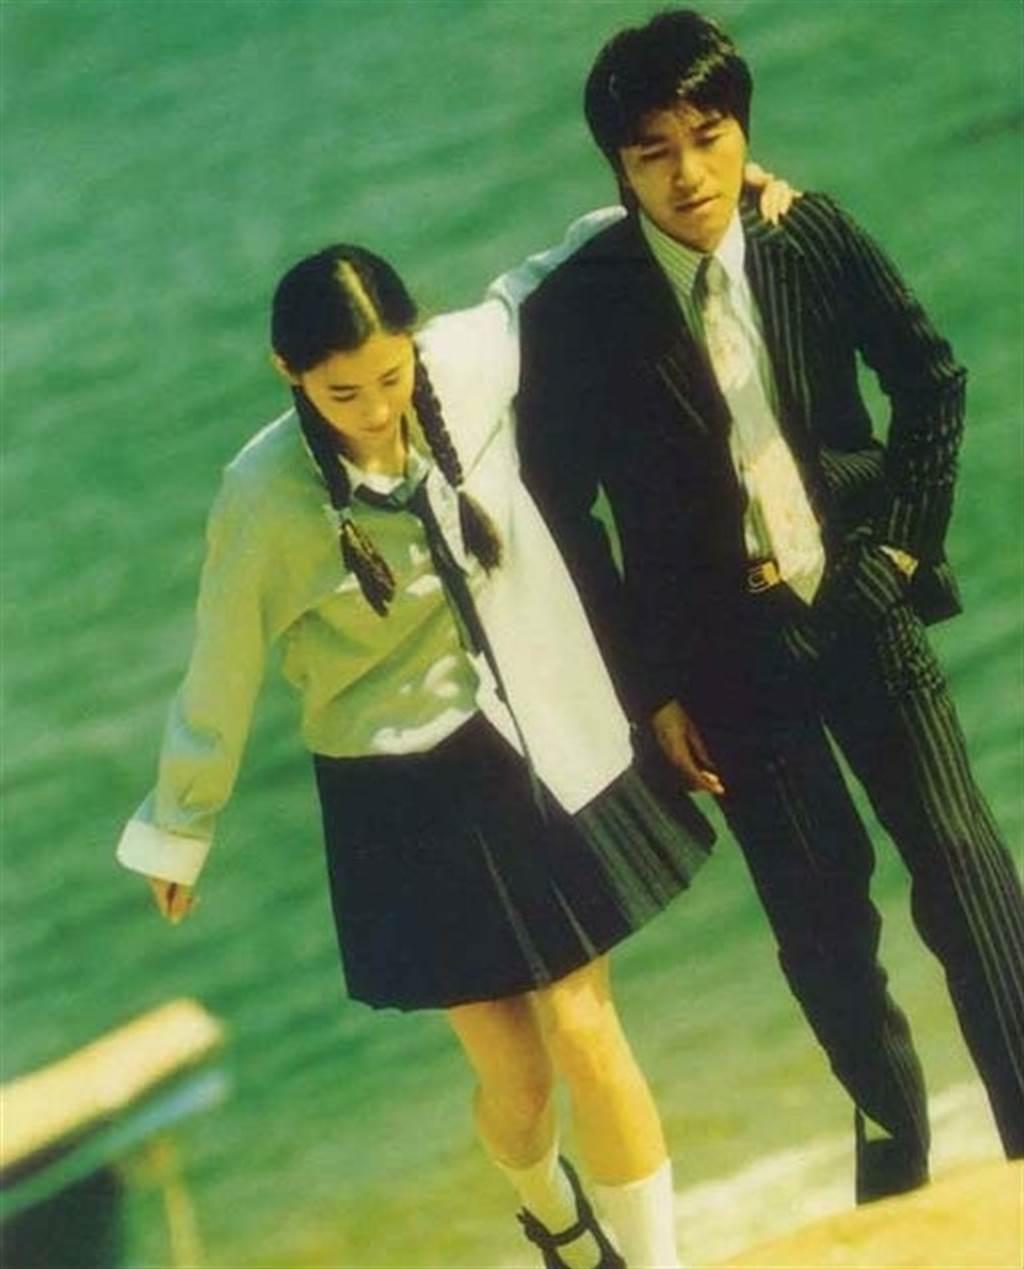 張柏芝18歲被周星馳相中演出「喜劇之王」。圖/摘自微博